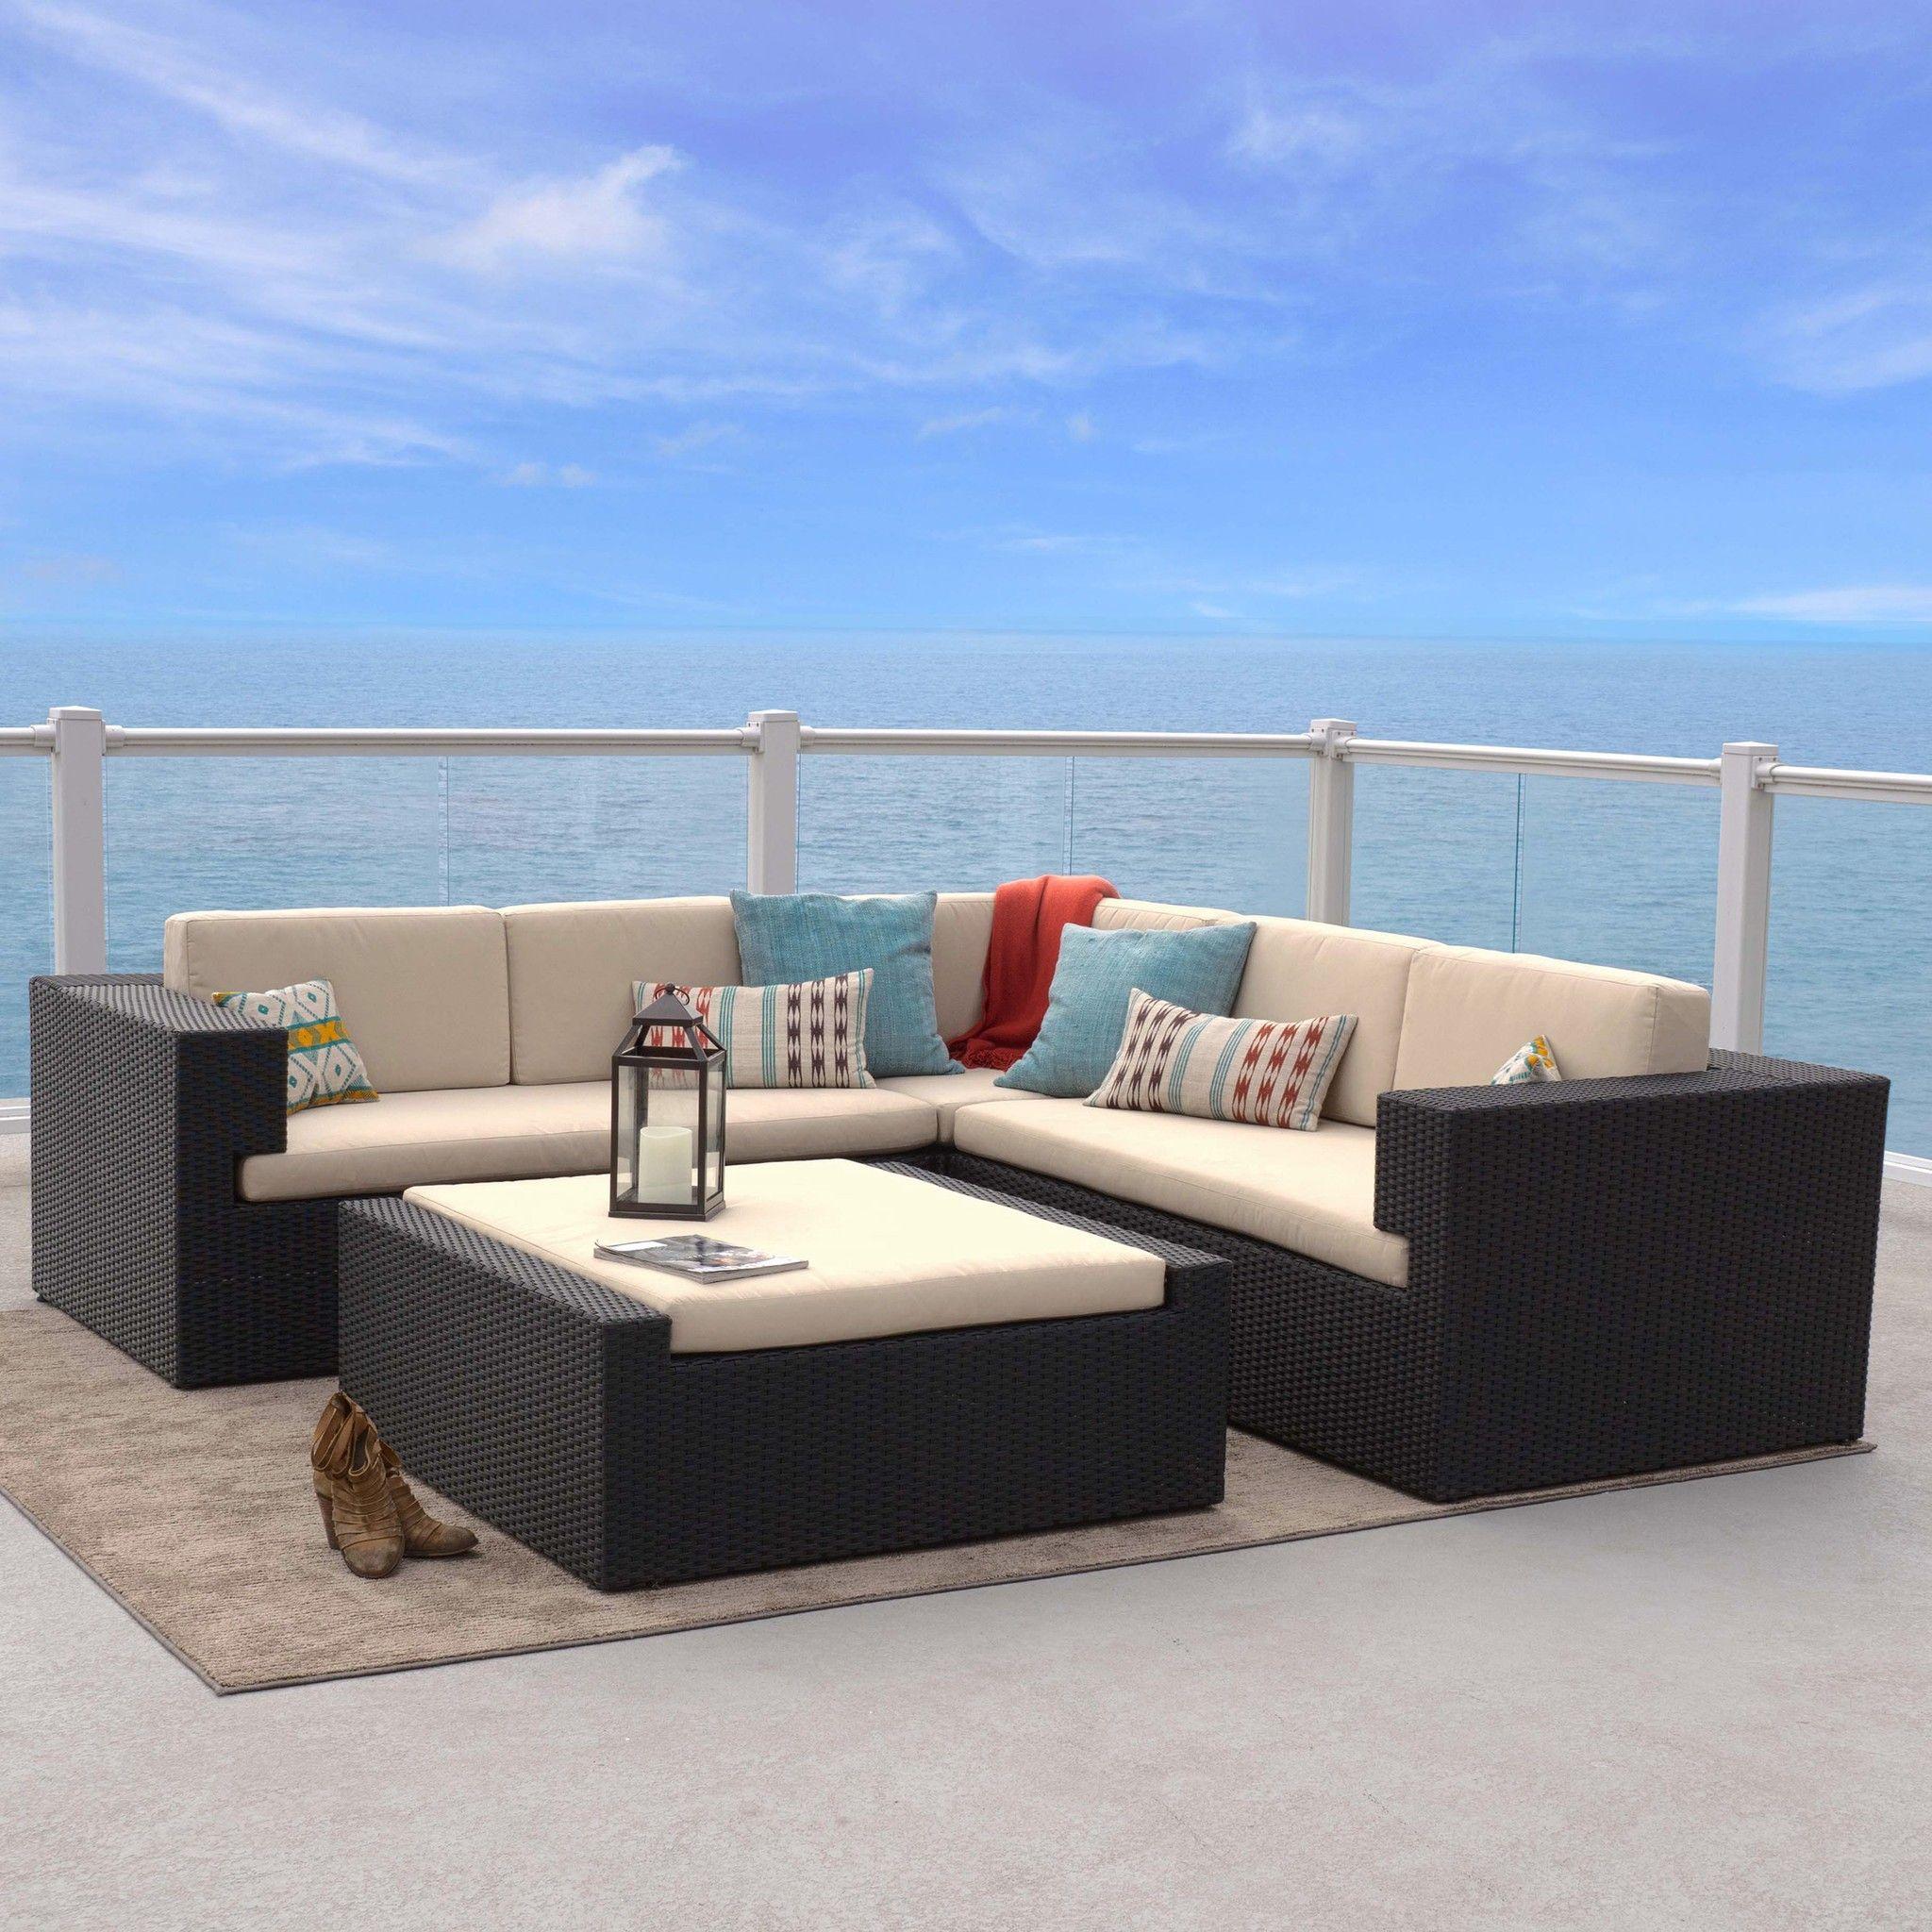 Pin by Home Plasa on Designer Furniture   Pinterest   Lounge sofa ...